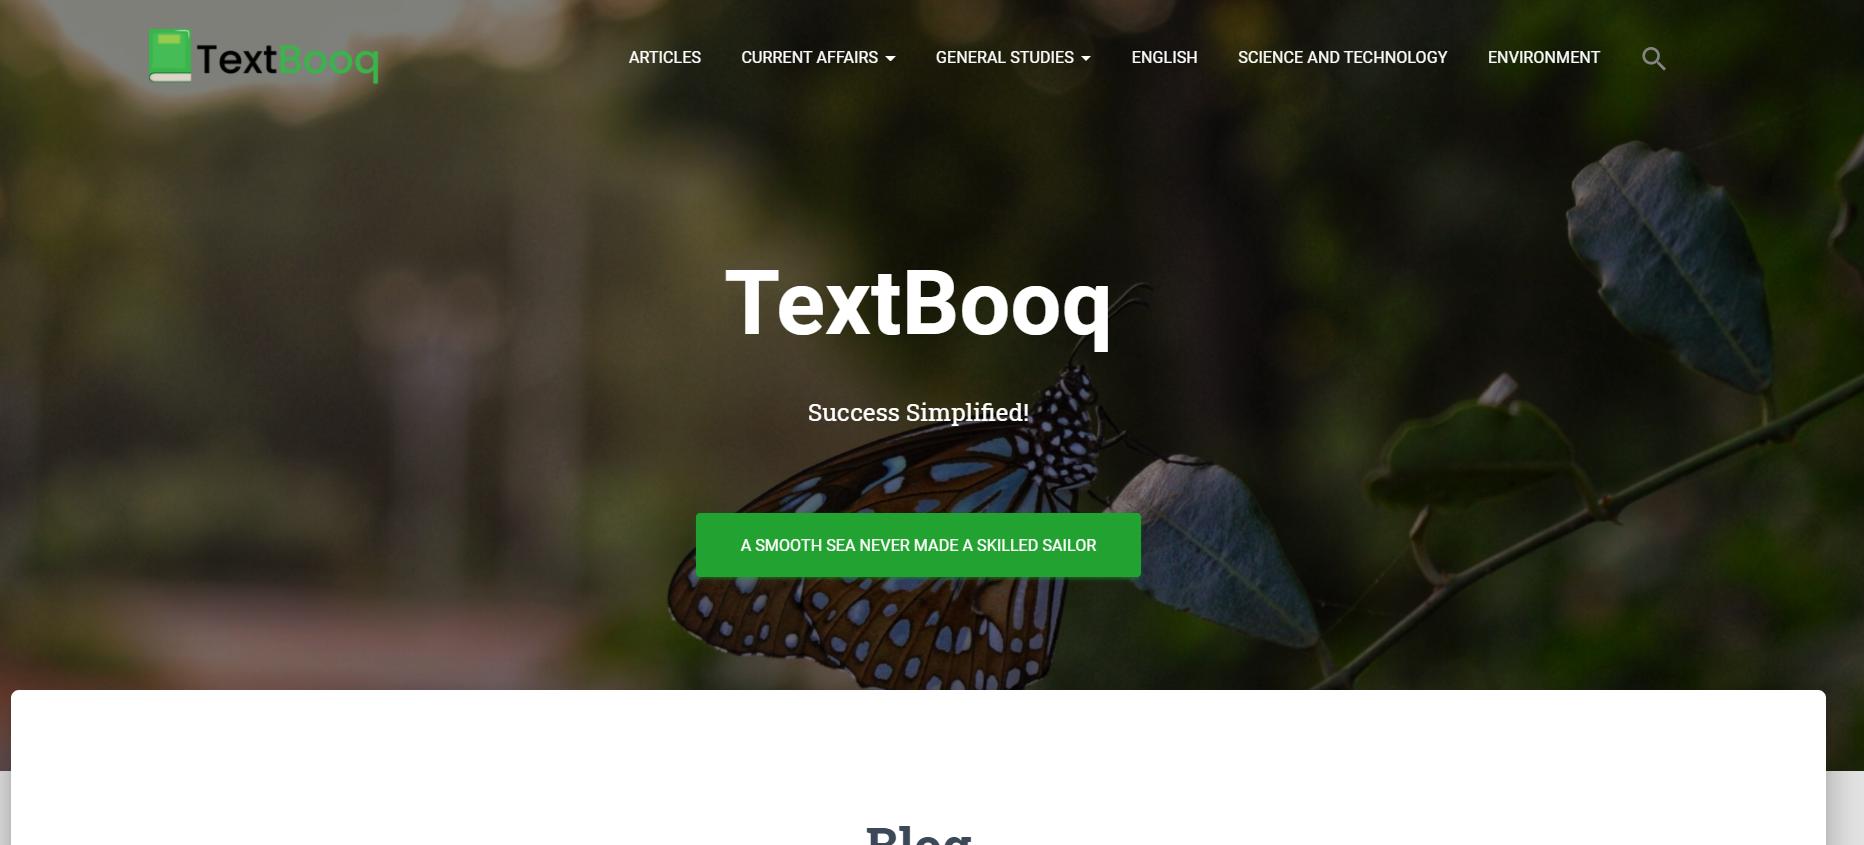 TextBooq